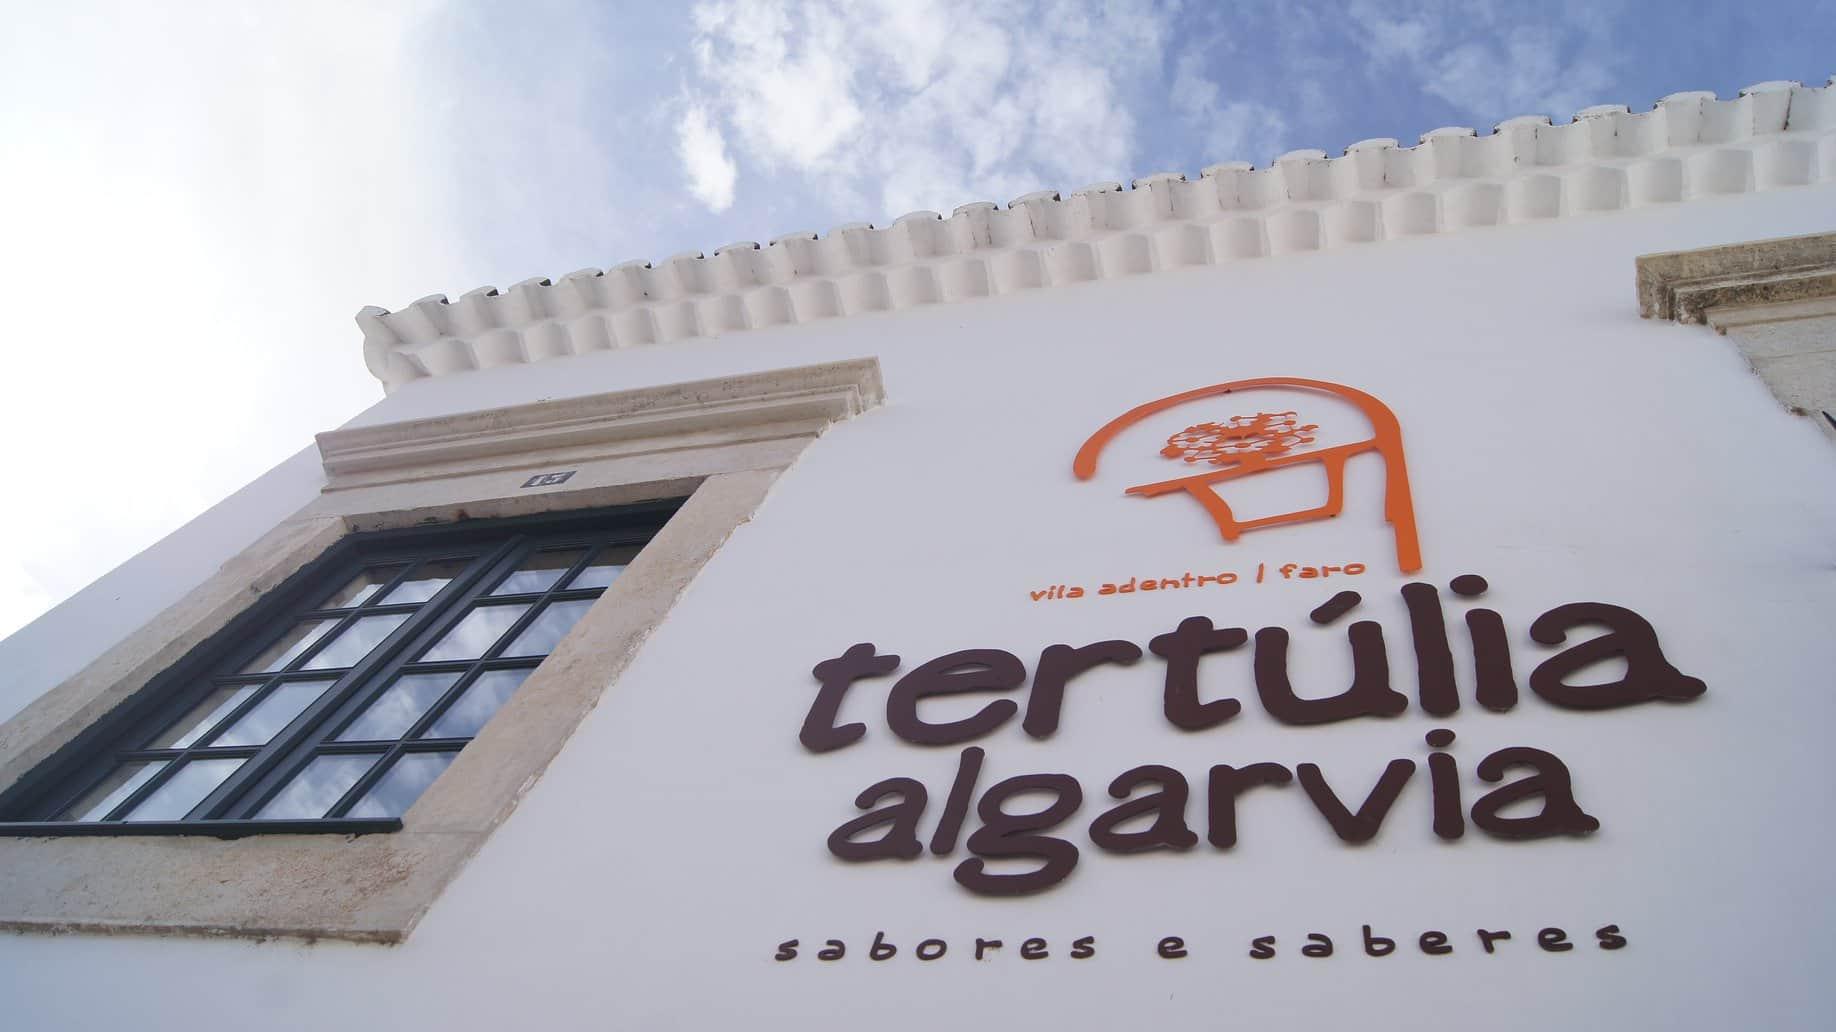 """Restaurante """"Tertúlia Algarvia"""", Faro #2"""